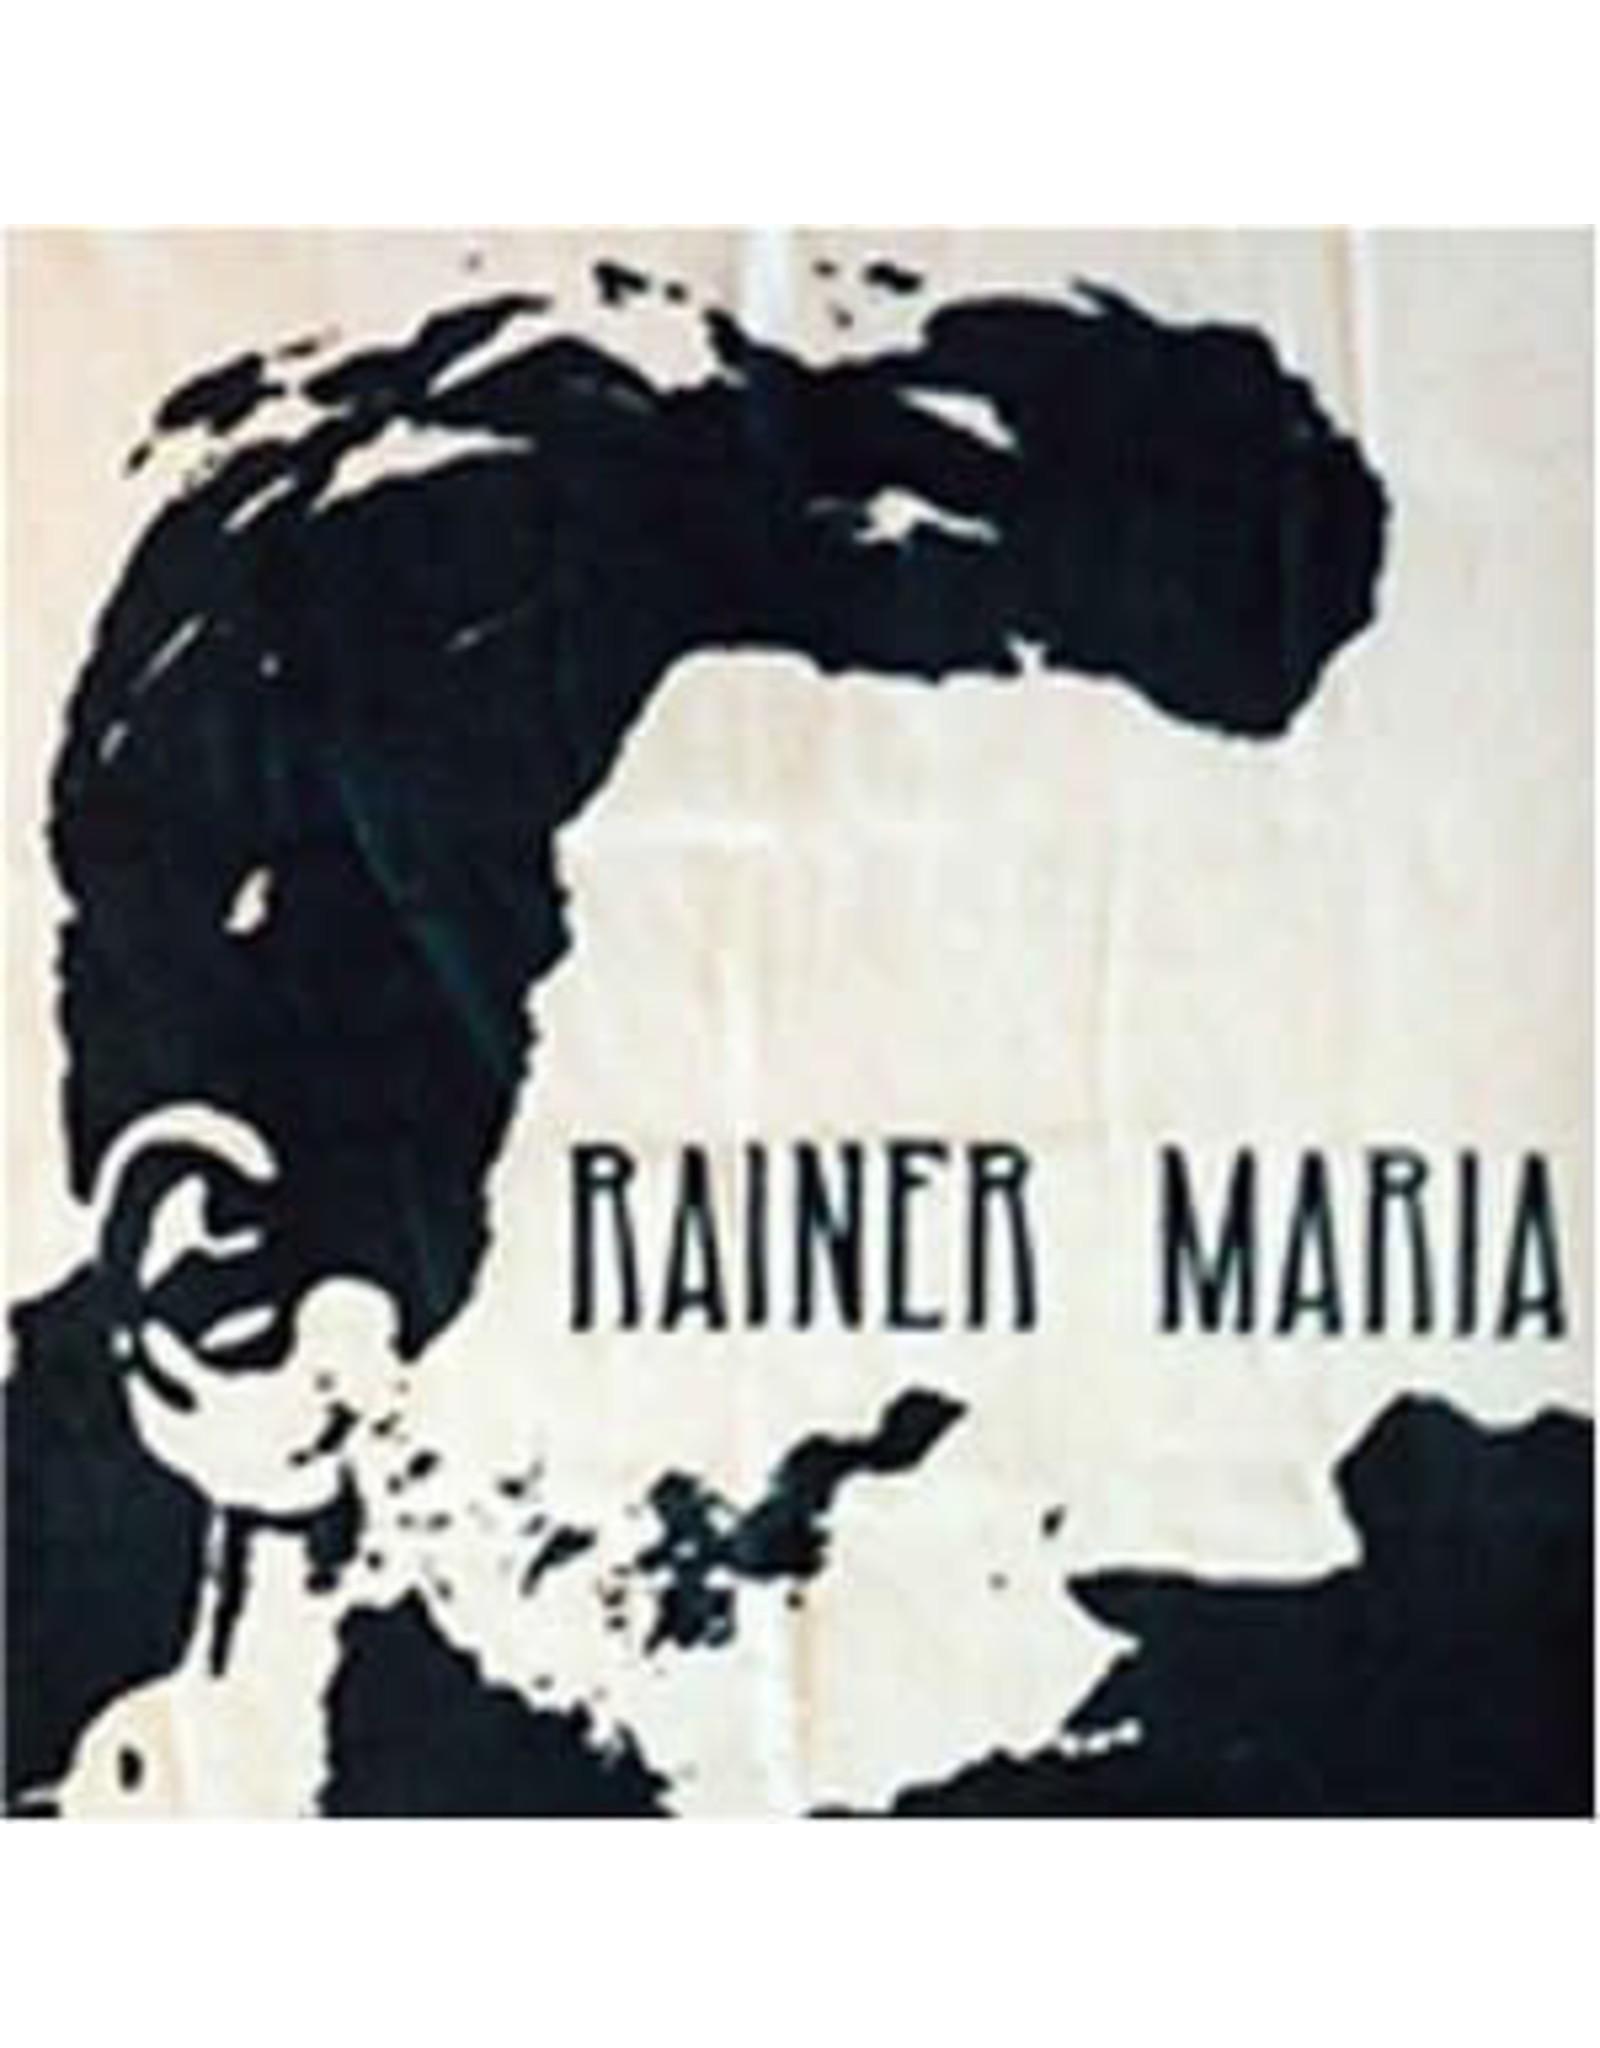 New Vinyl Rainer Maria - S/T LP